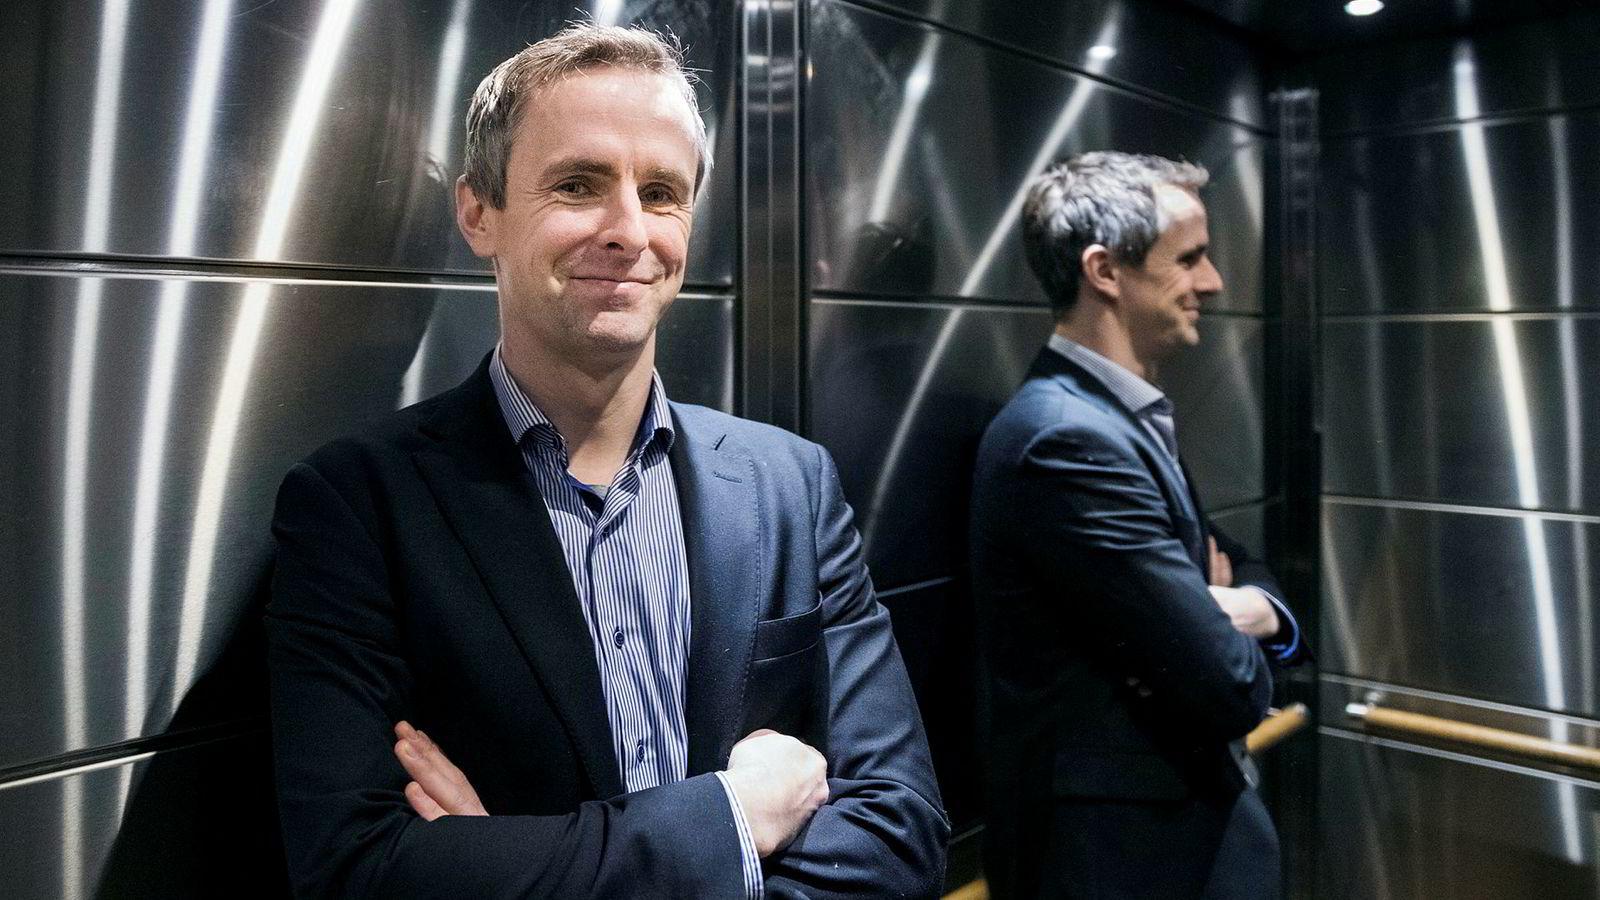 Til tross for flere konkurser, lavere likviditetsgrad og flere inkassosaker, mener Tor-Erik Wold Ingebretsen i Lindorff det ikke er noen grunn til å svartmale utviklingen i overnattings- og serveringsbransjen. – Snarere tvert om, sier han.